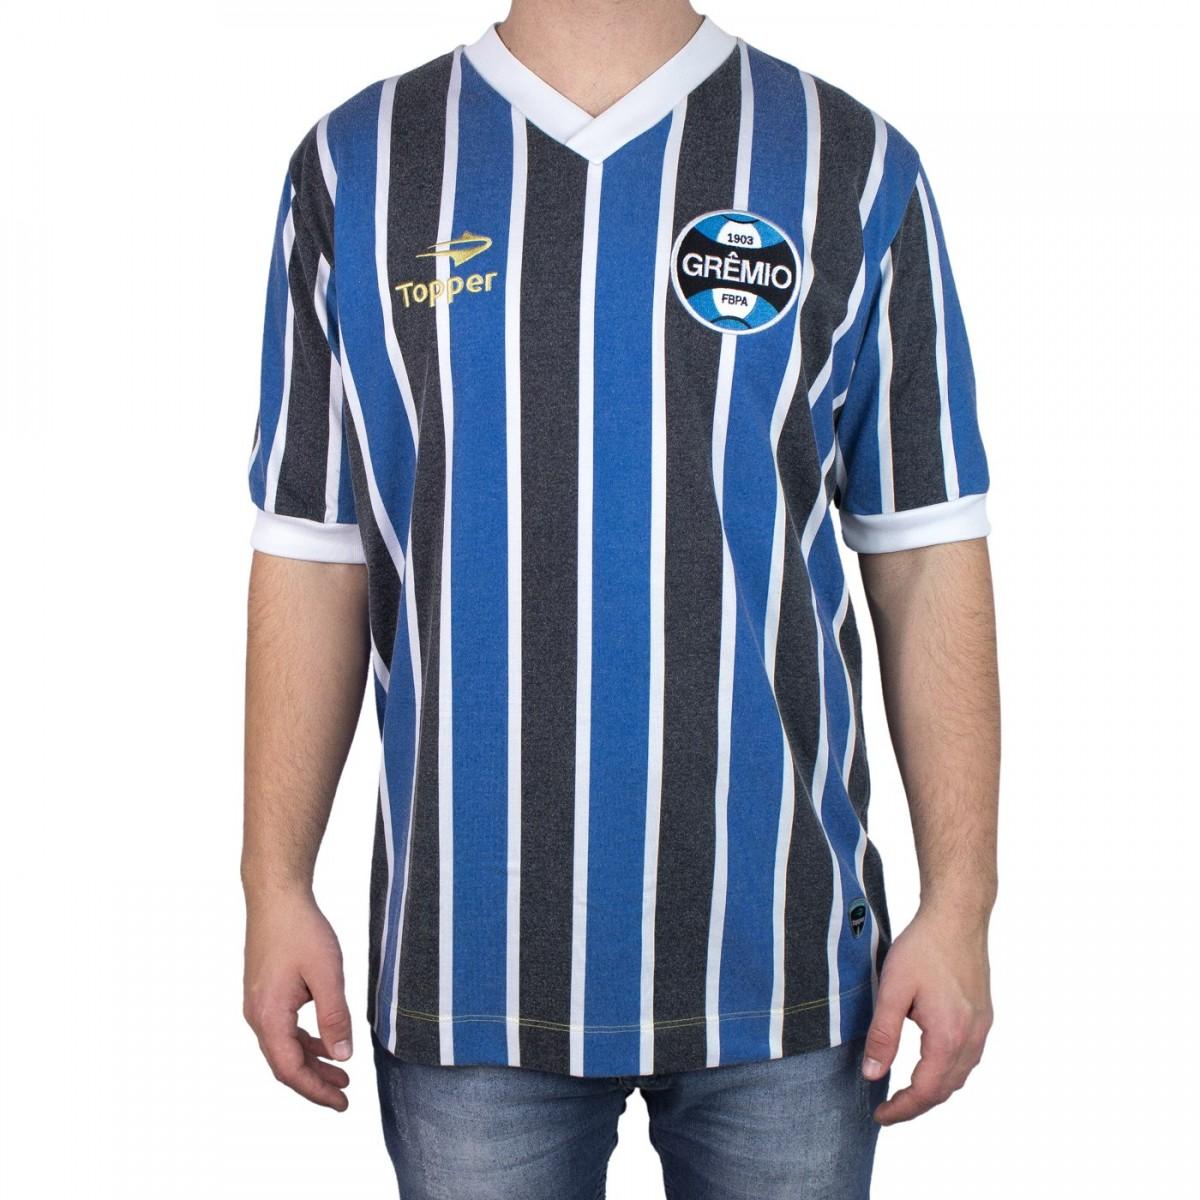 83b4301ddf704 Bizz Store - Camisa Oficial Grêmio Mundial Topper Masculina